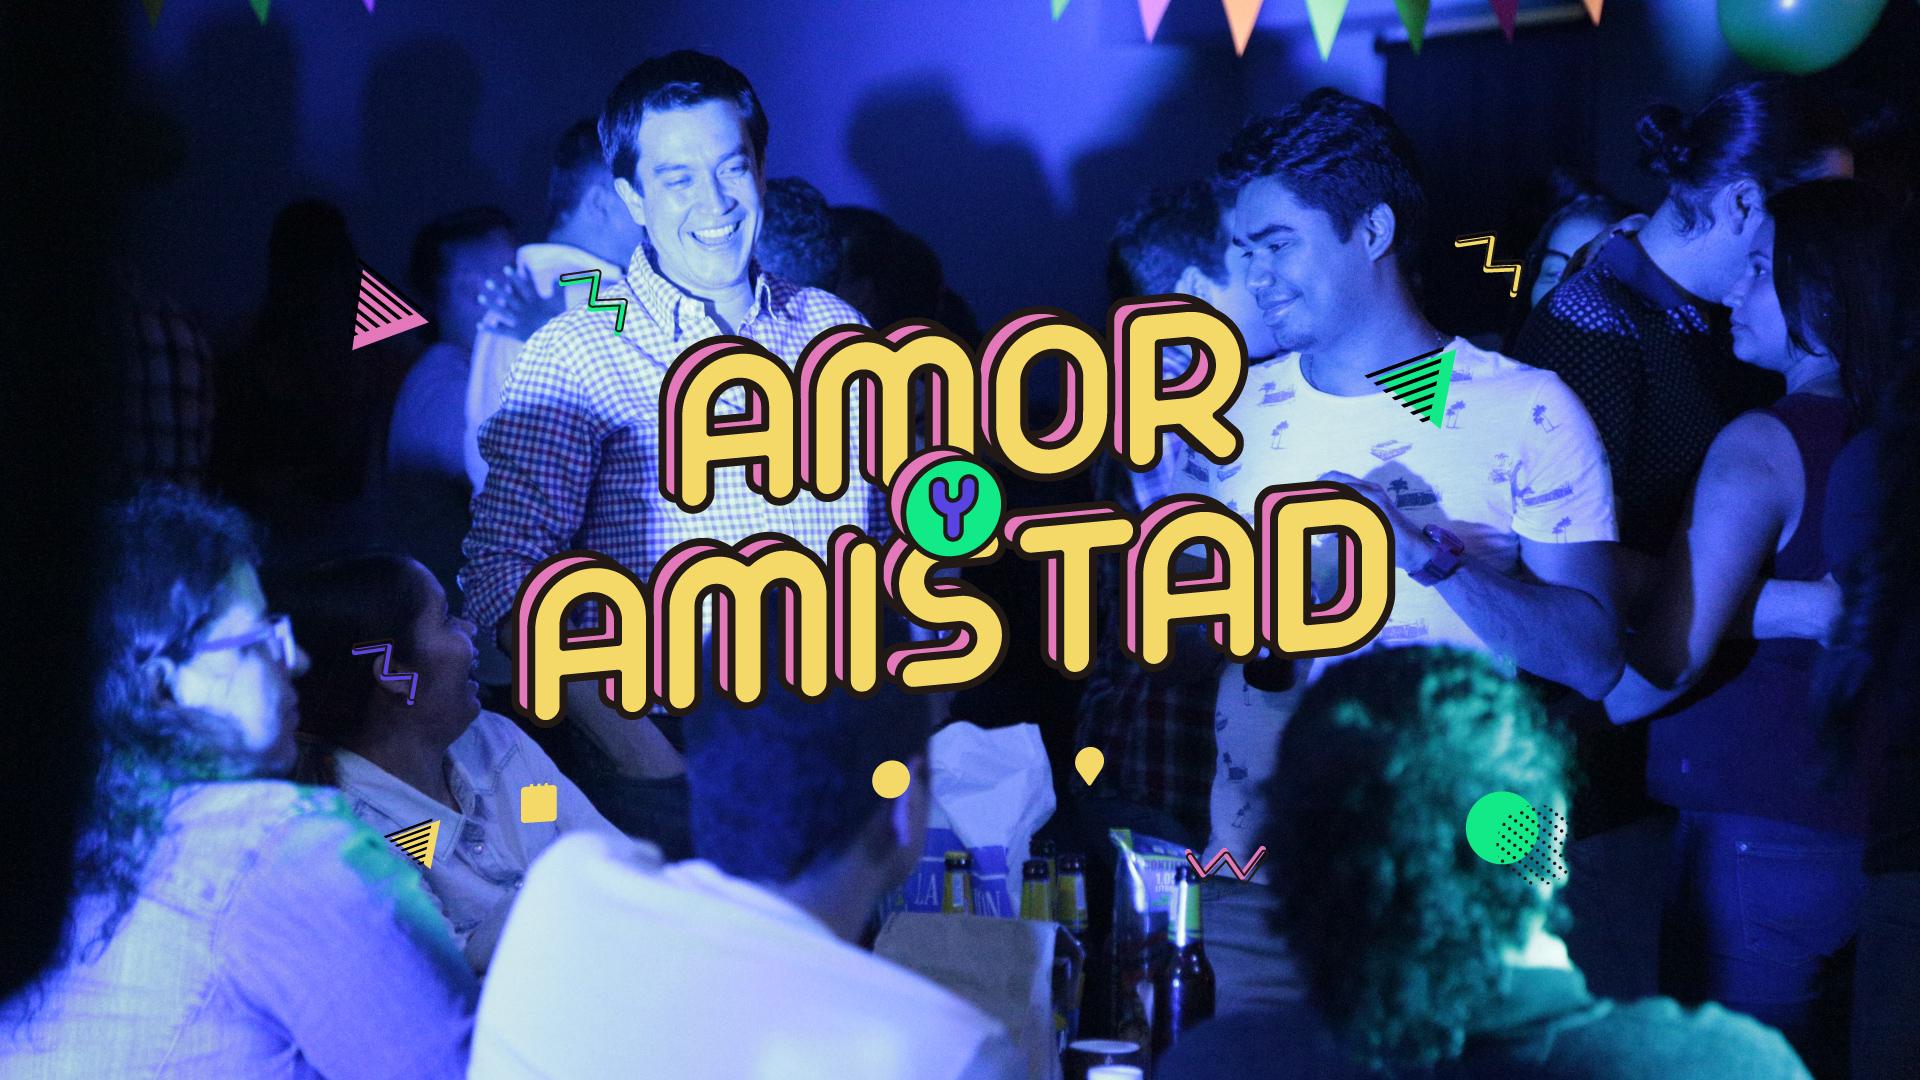 Todos bailando: fiesta de amor y amistad 2019